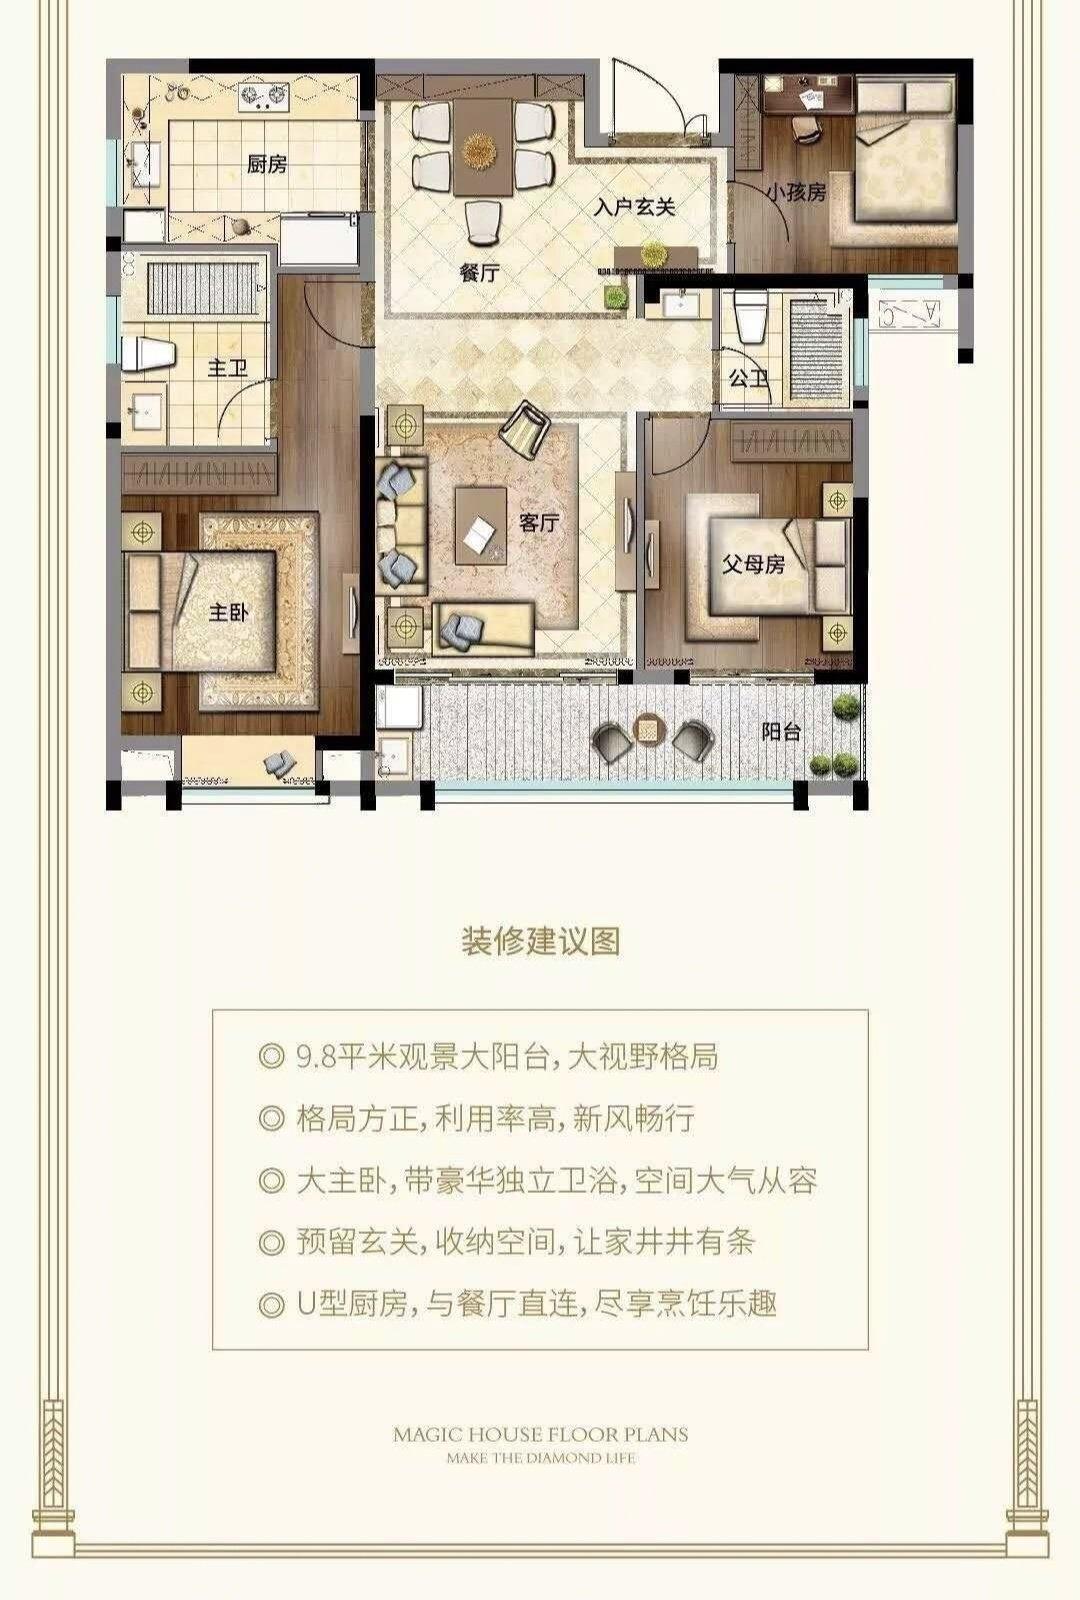 123㎡3室2厅2卫户型怎么装修好?